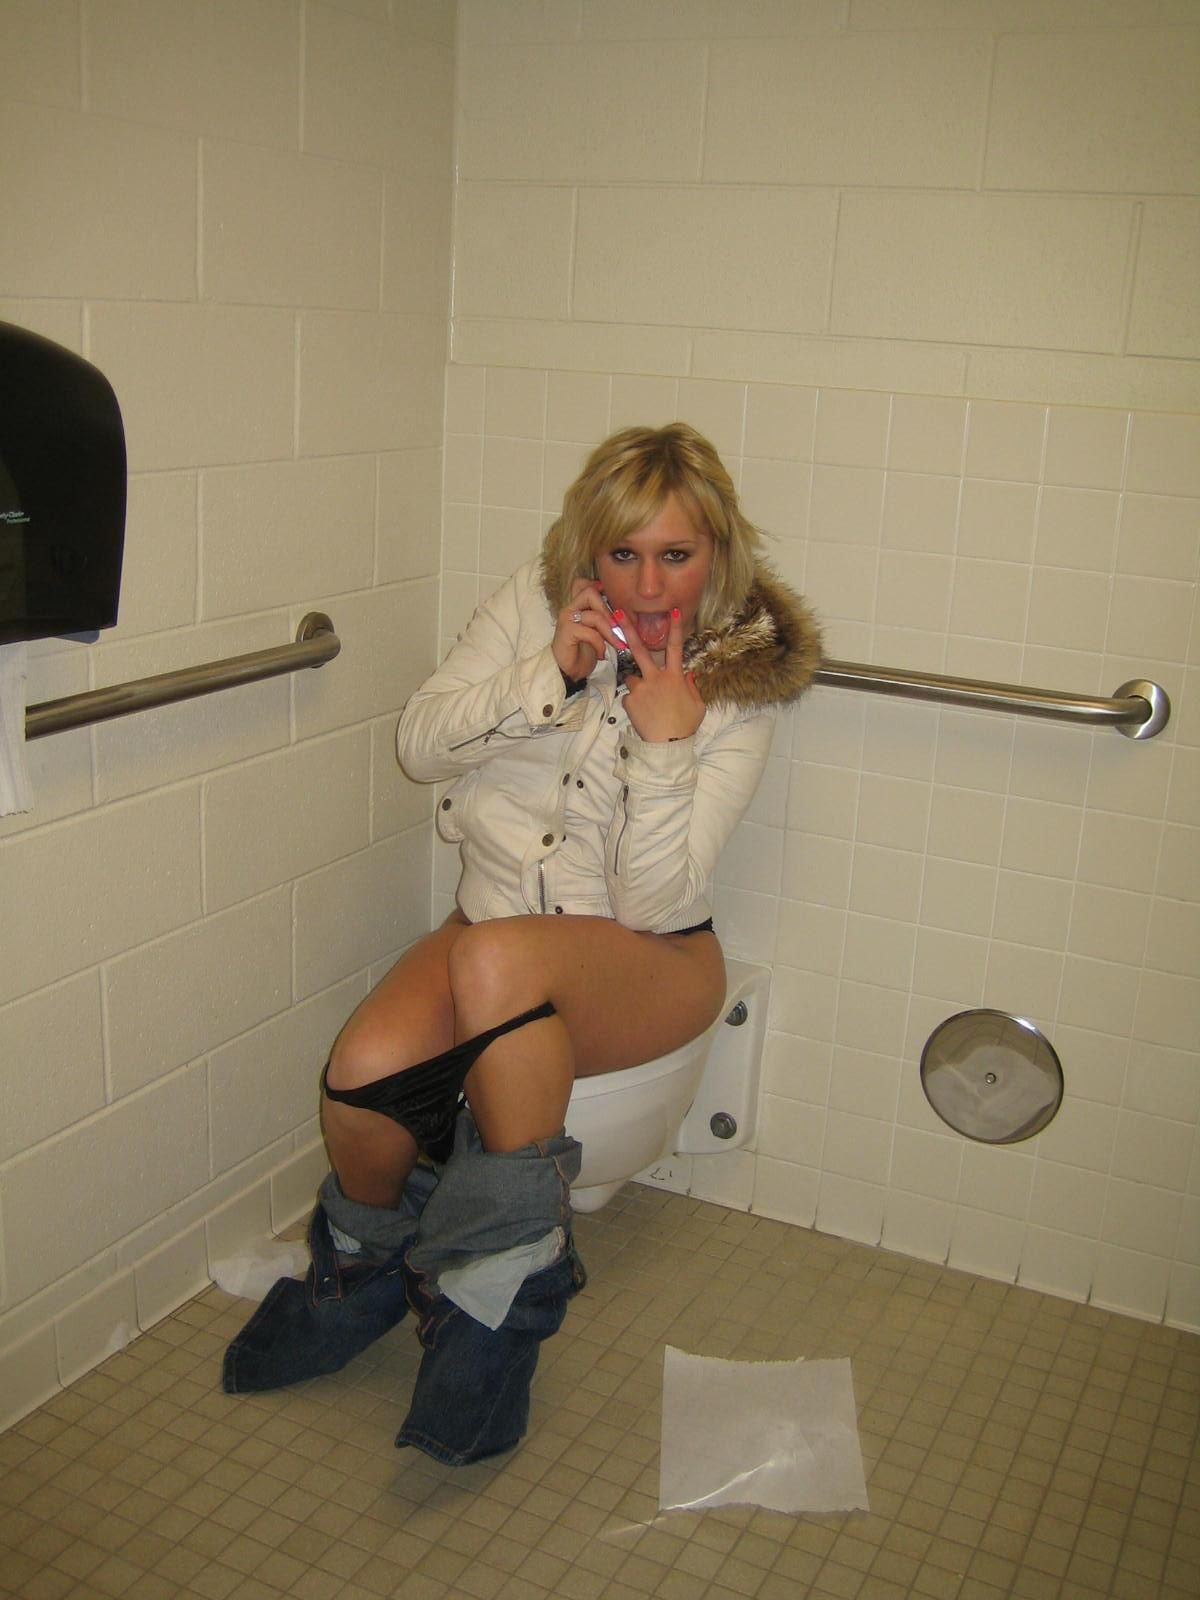 Всё понятно, женщины писают в туалете фото